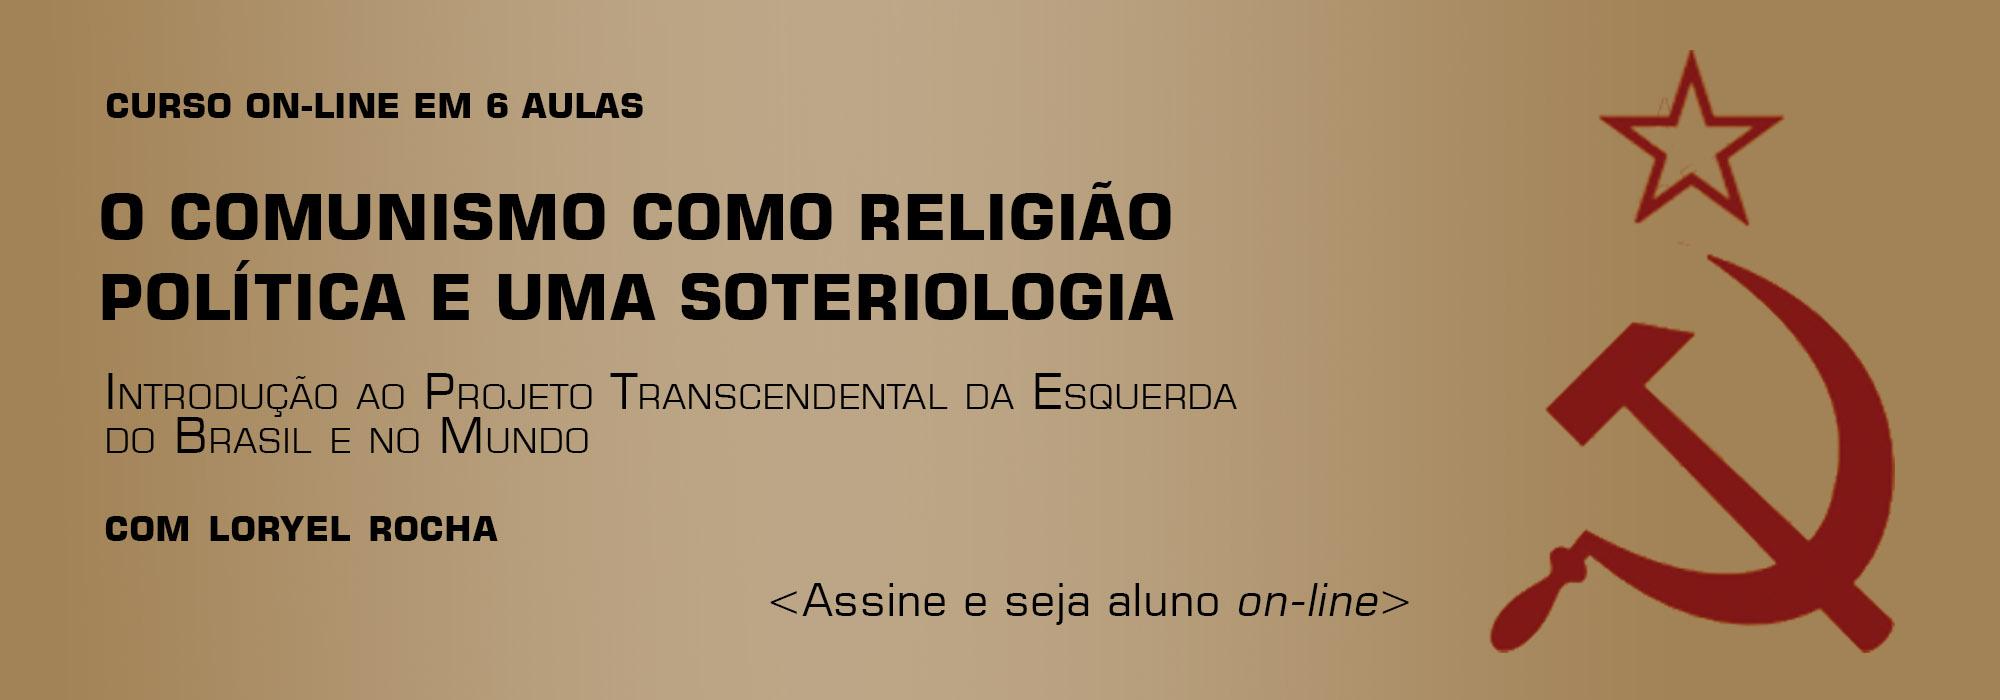 O COMUNISMO COMO RELIGIÃO POLÍTICA